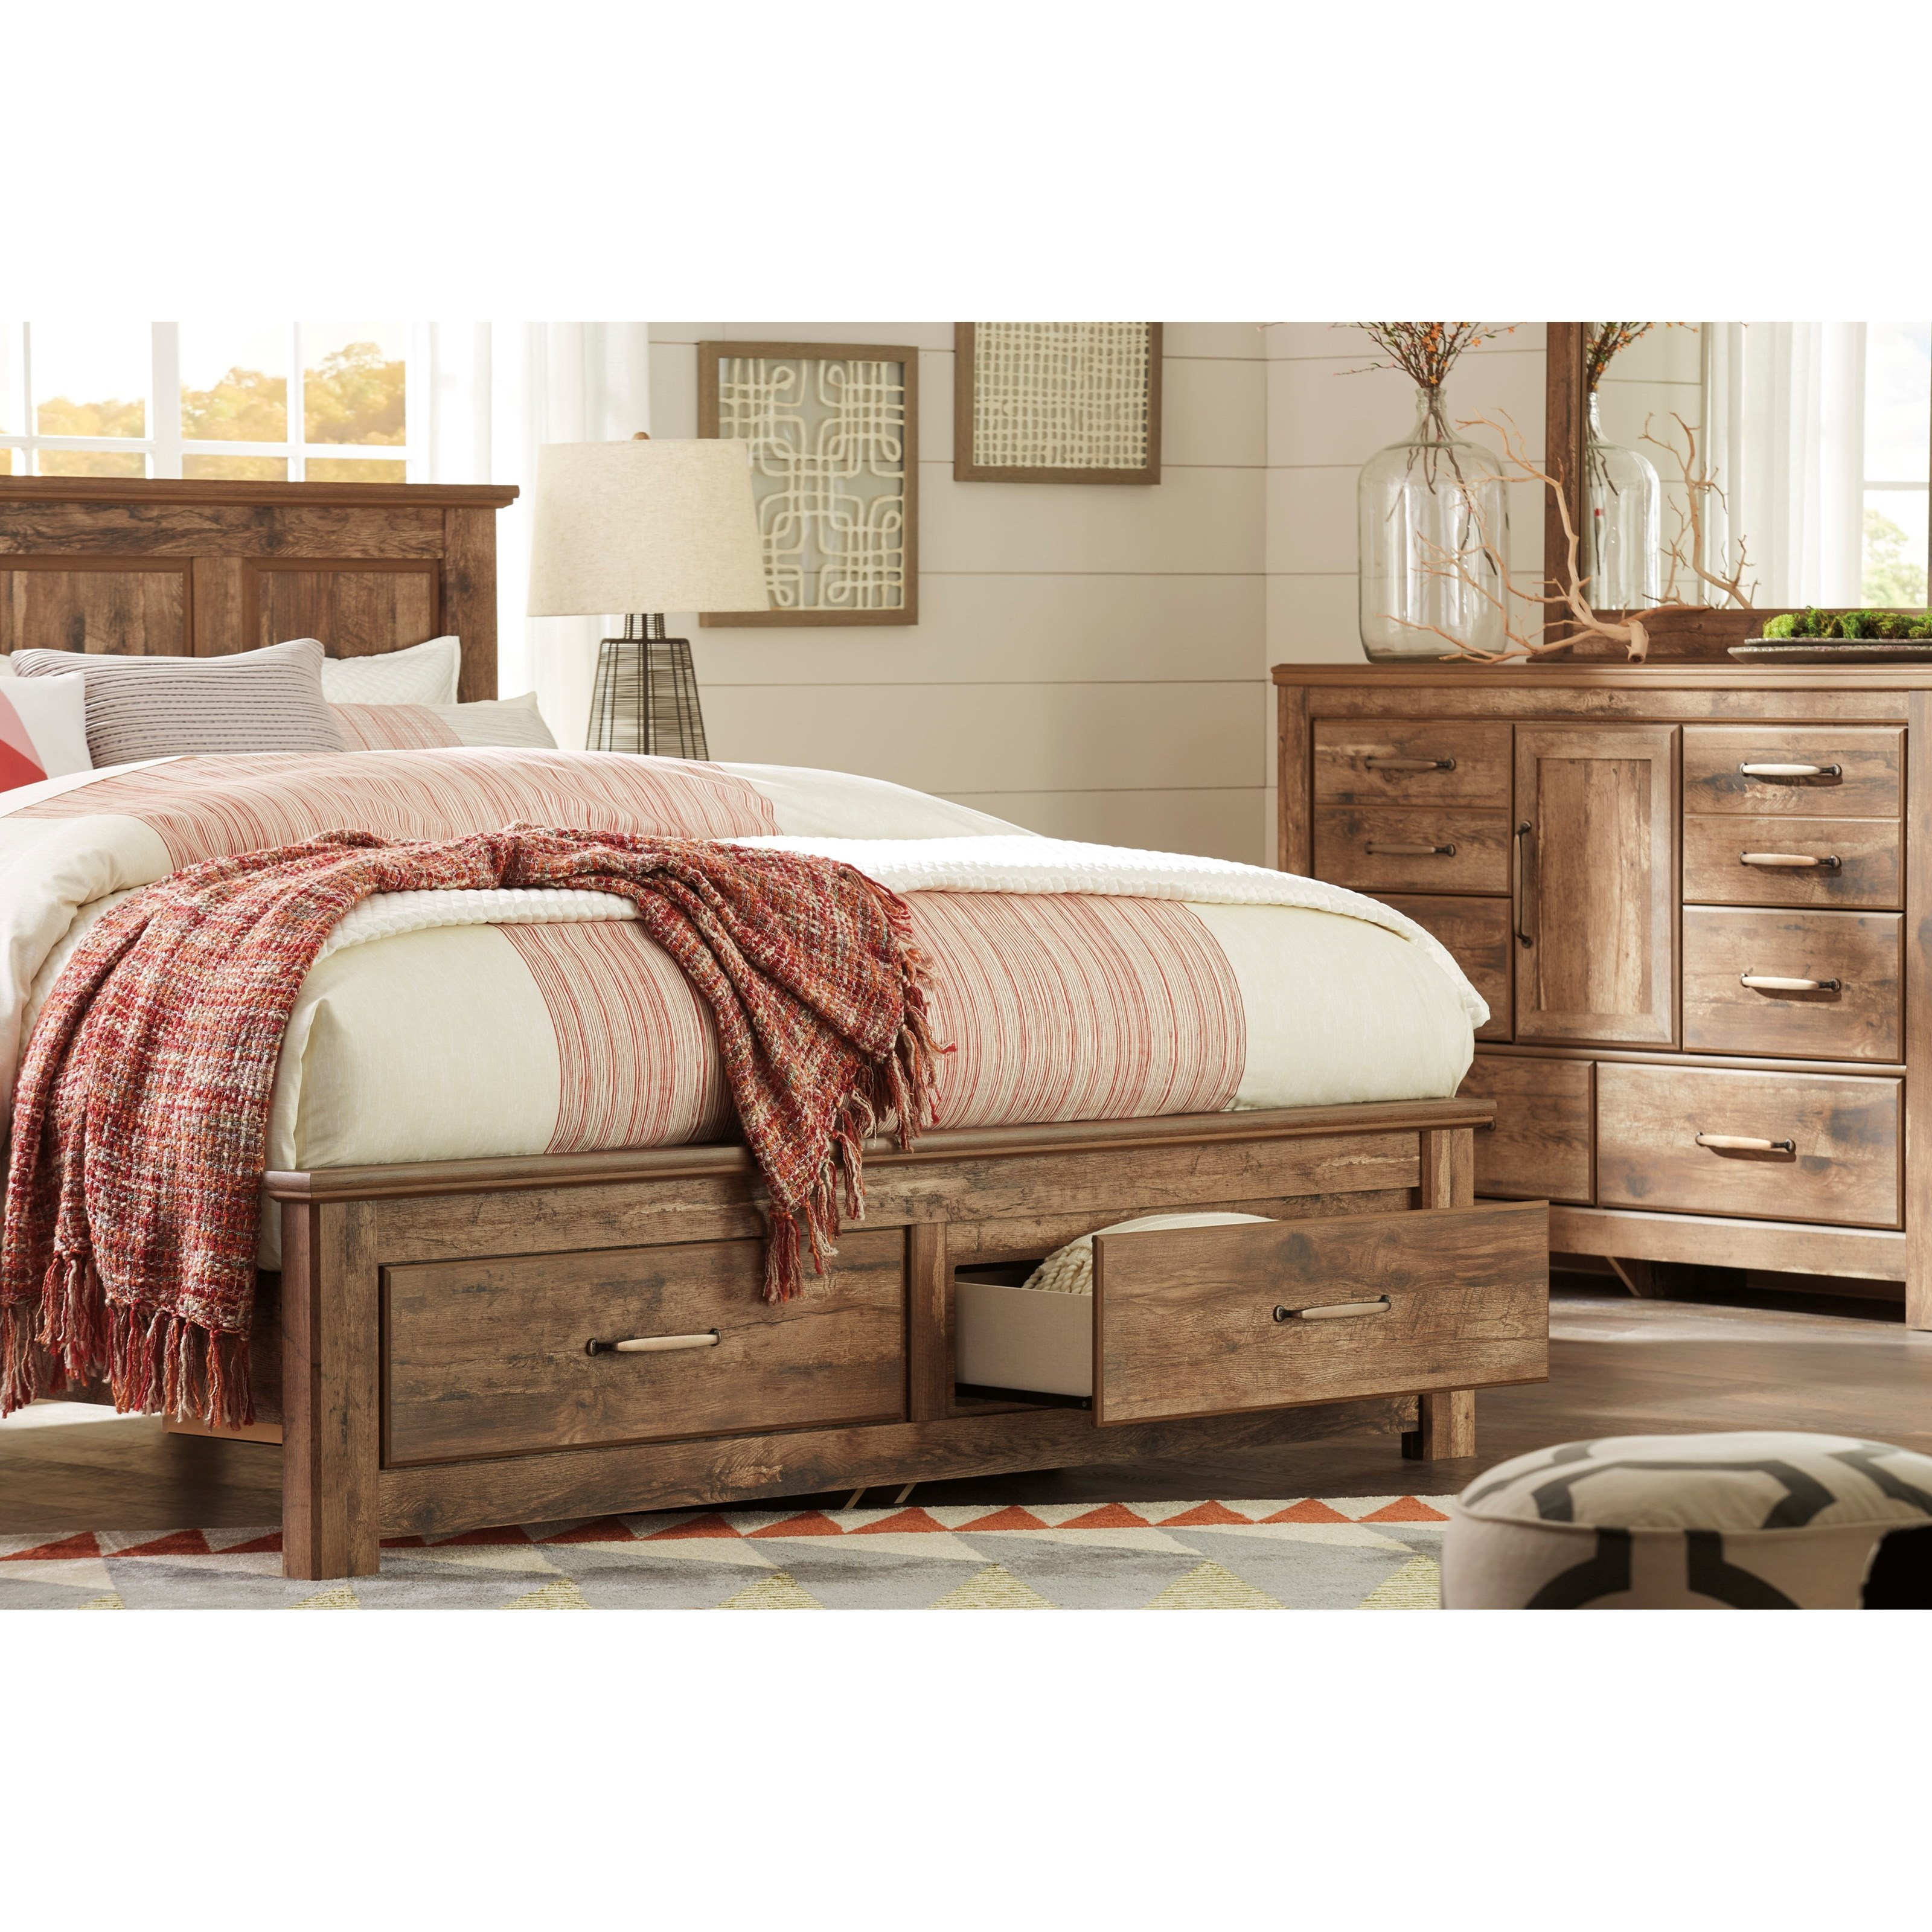 Signature Design By Ashley Blaneville King Panel Storage Bed Royal Furniture Platform Beds